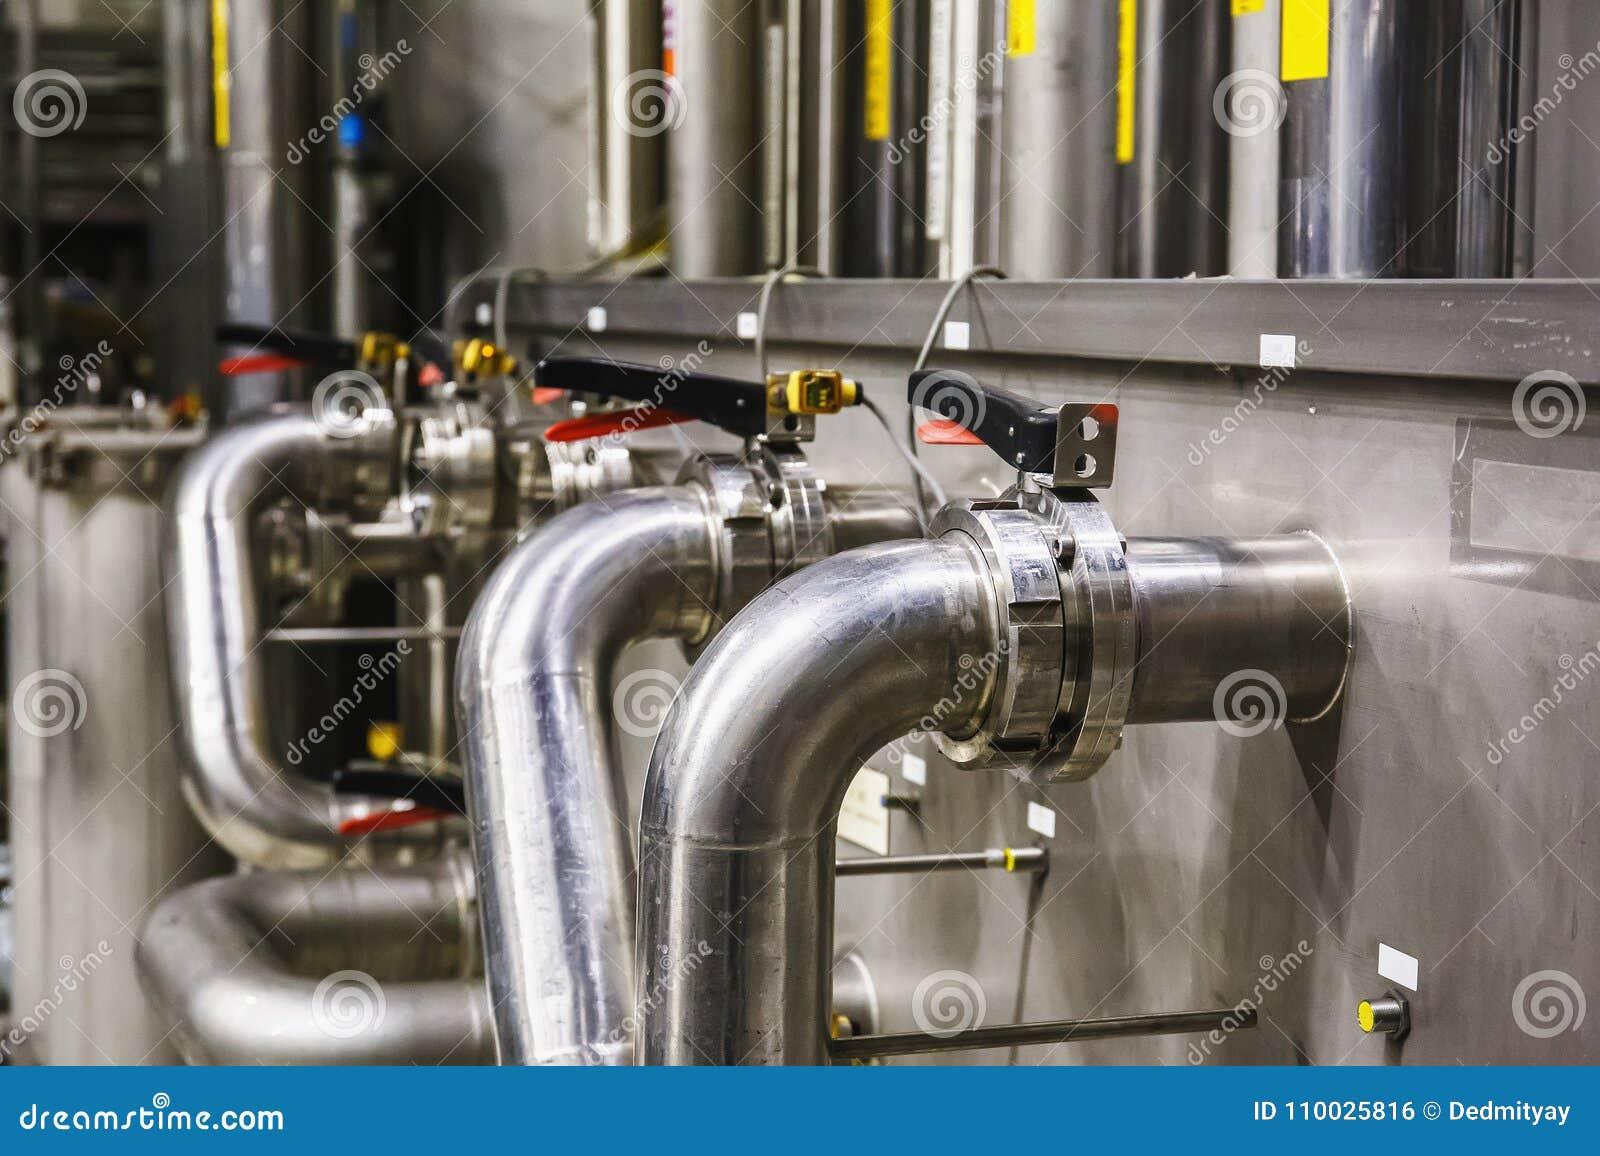 Staalpijpen bij moderne bierfabriek, brouwerijconcept Staaltanks voor bierproductie Industriële Achtergrond